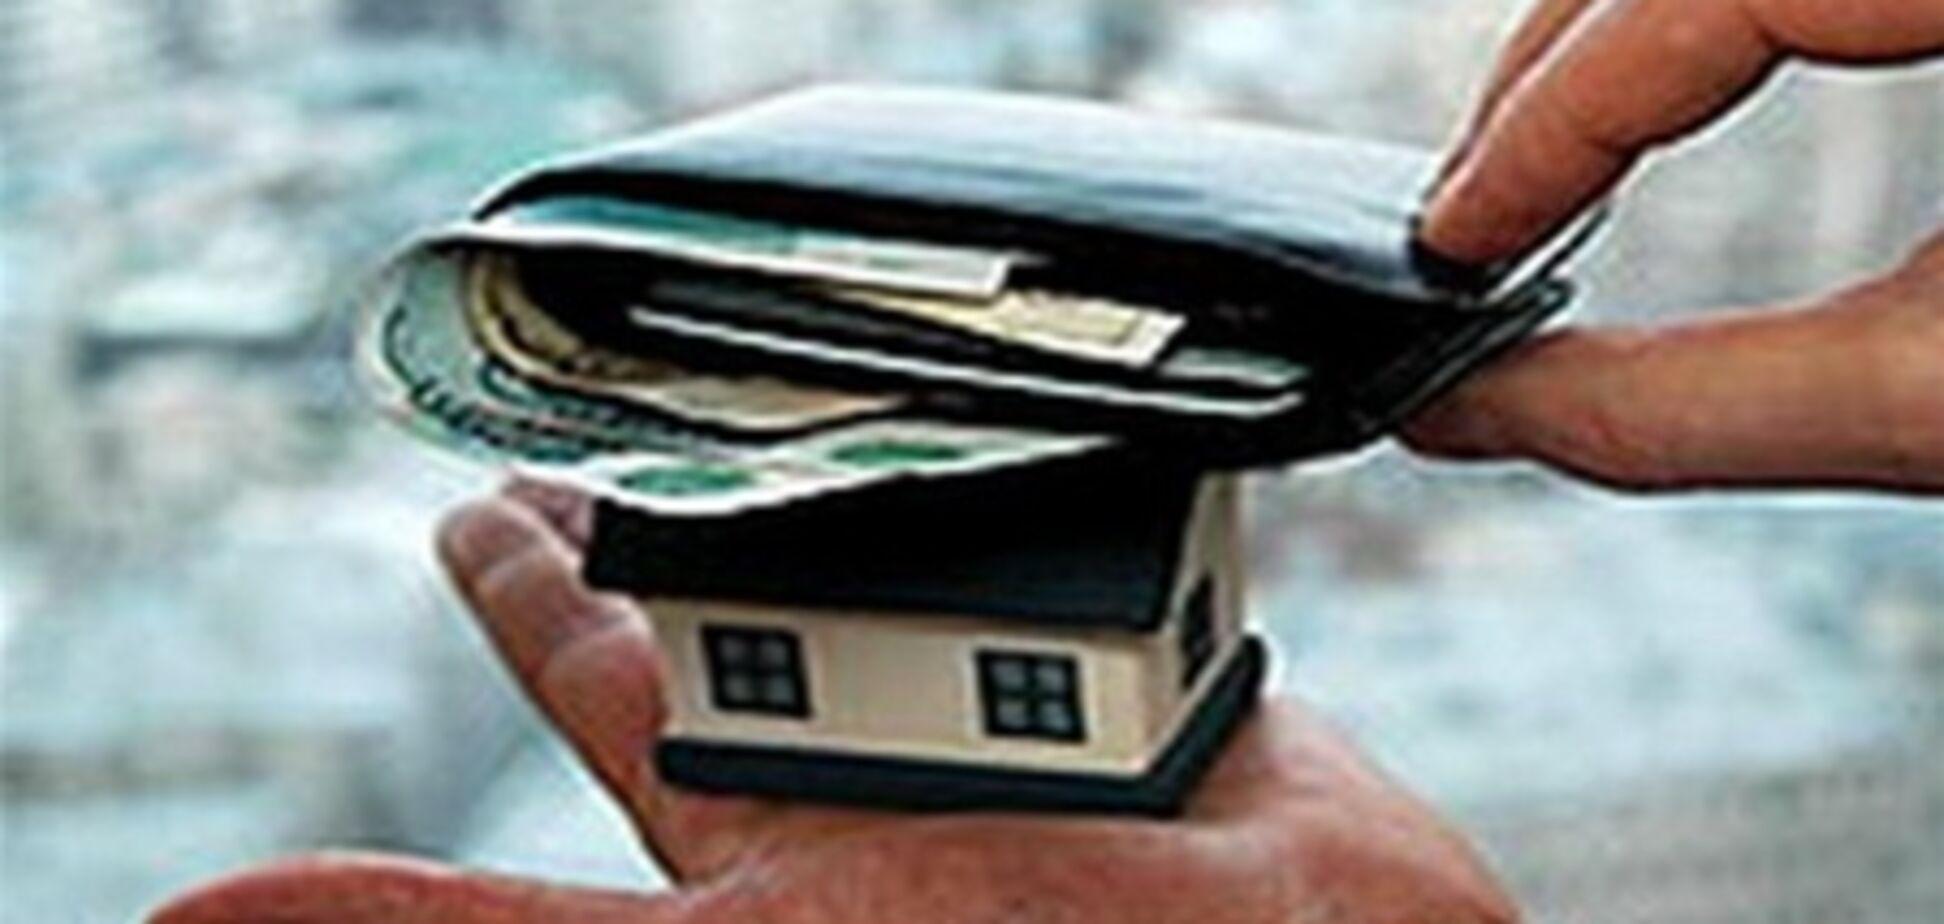 Цены на недвижимость в Киеве упали - эксперт